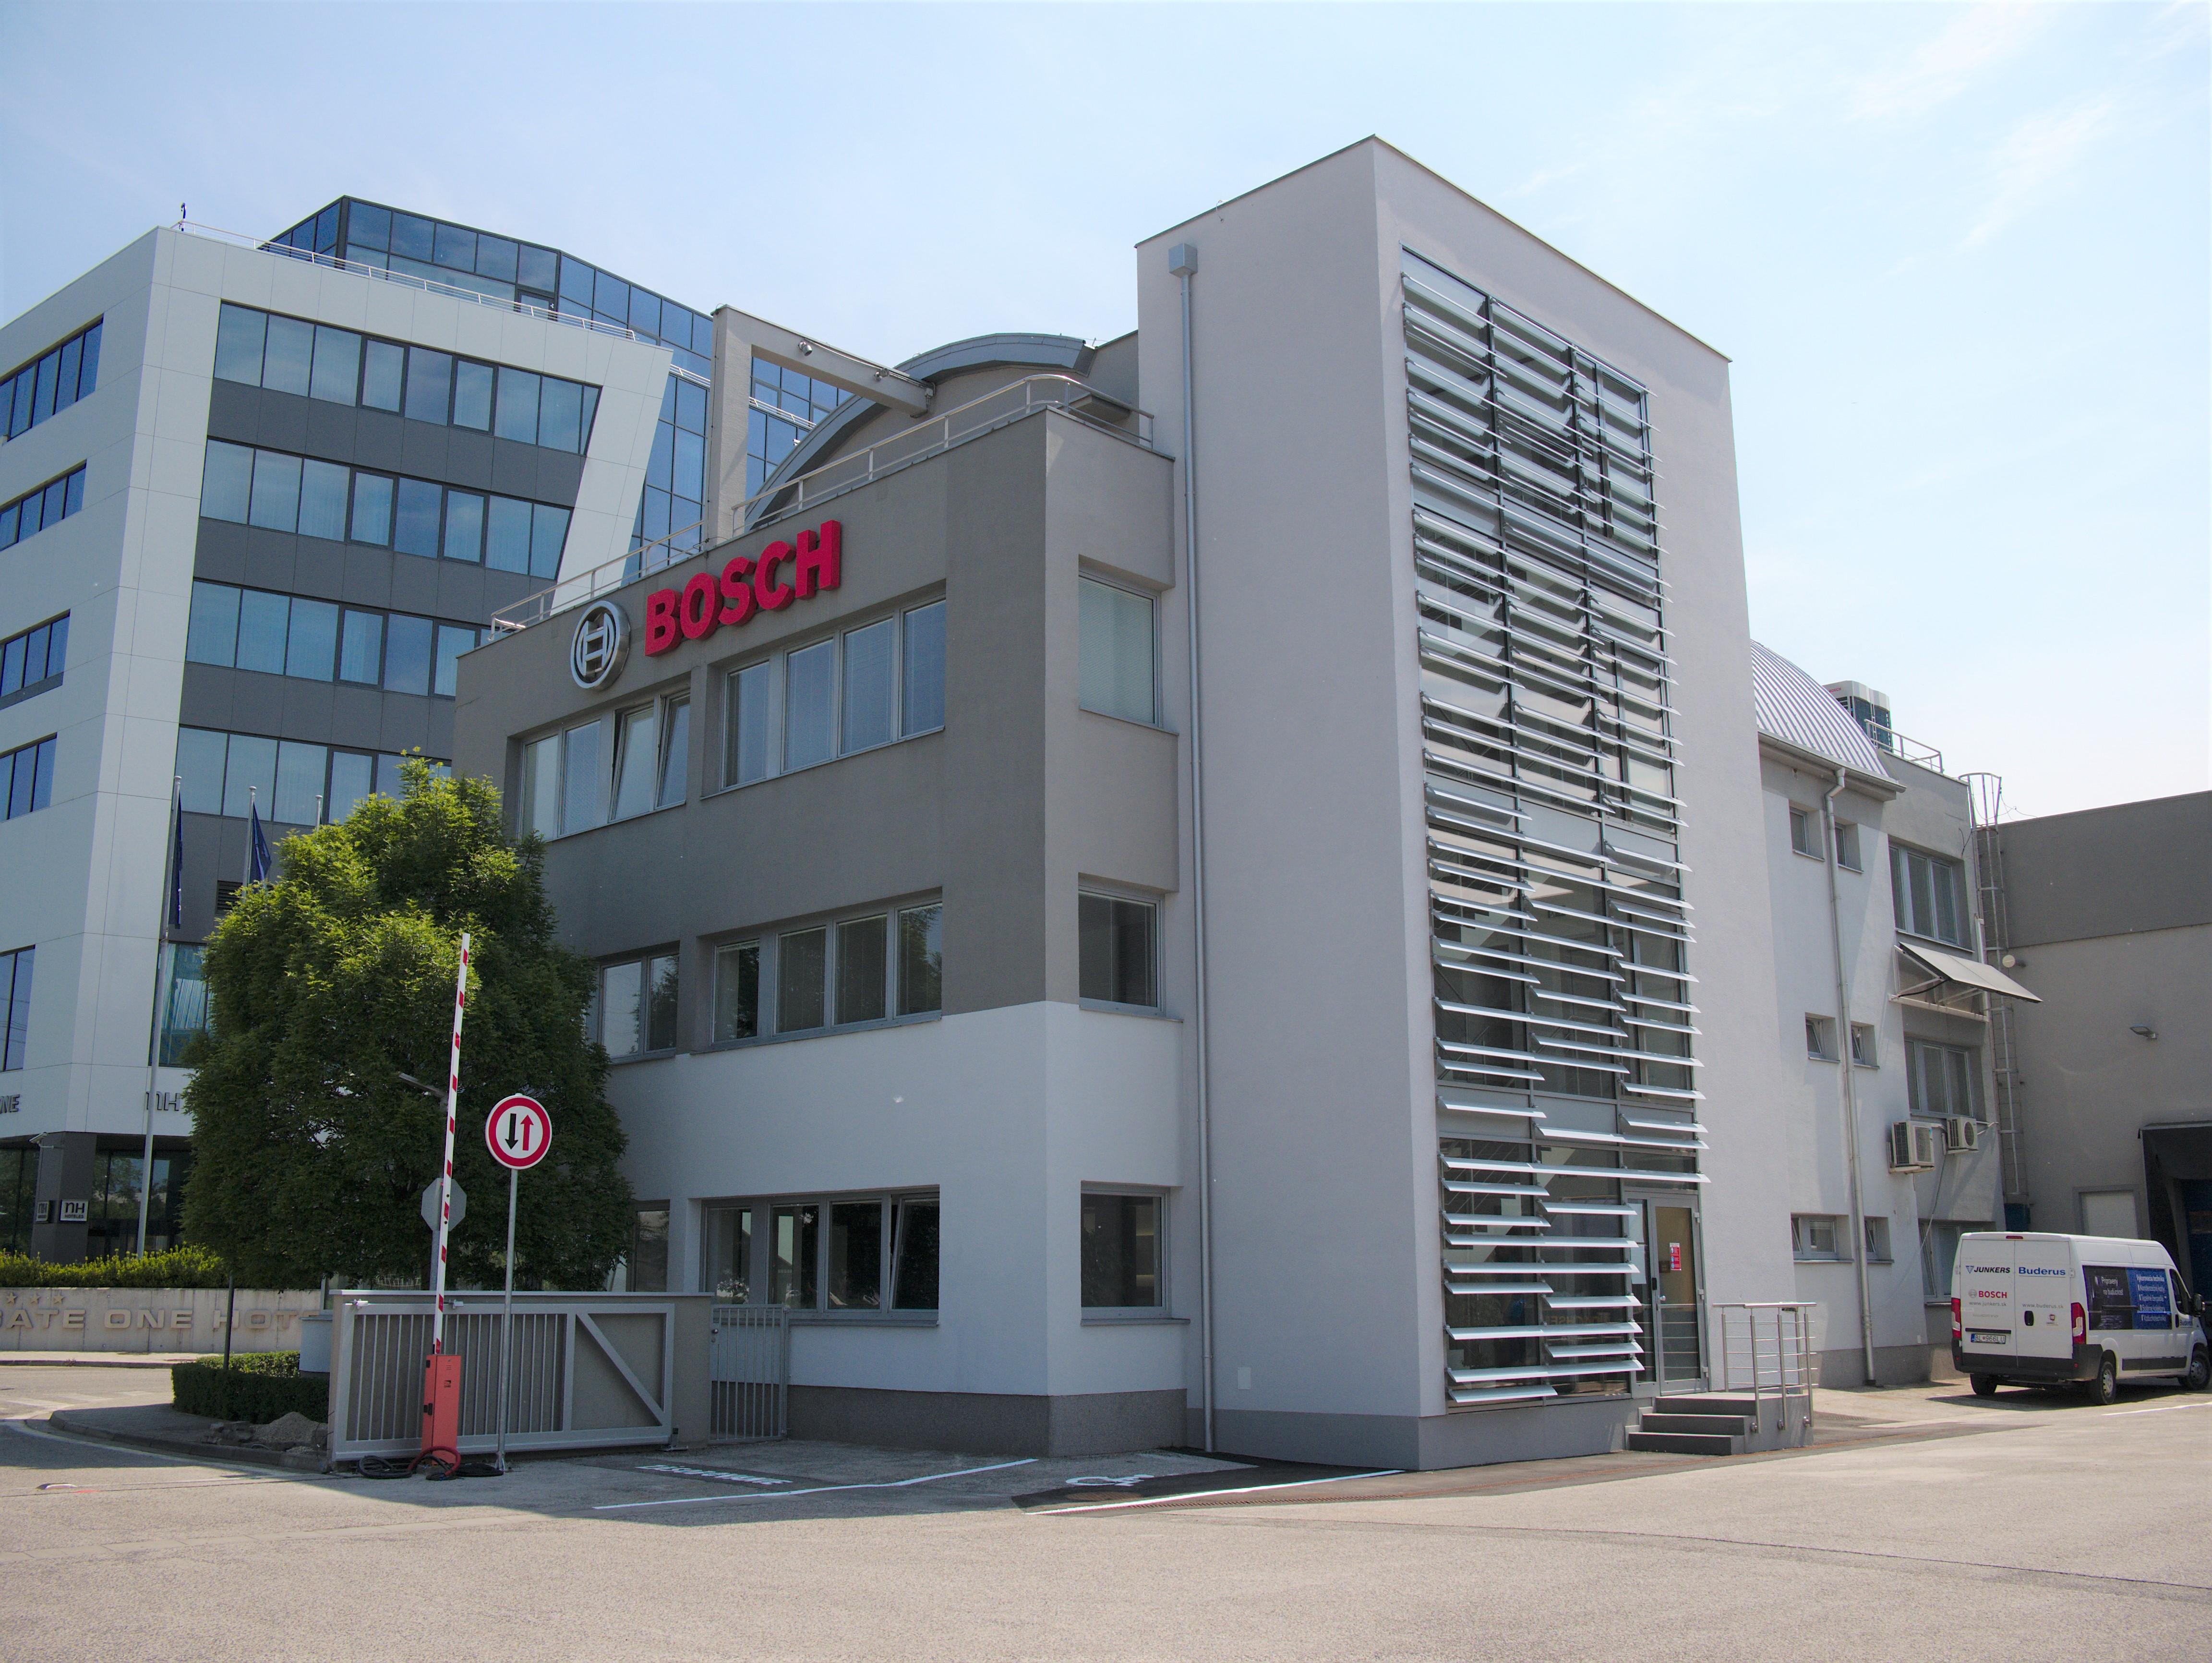 Budova slovenskej pobočky spoločnosti Bosch prešla rekonštrukciou a novom je vybavená najmodernejšími technológiami spoločnosti.